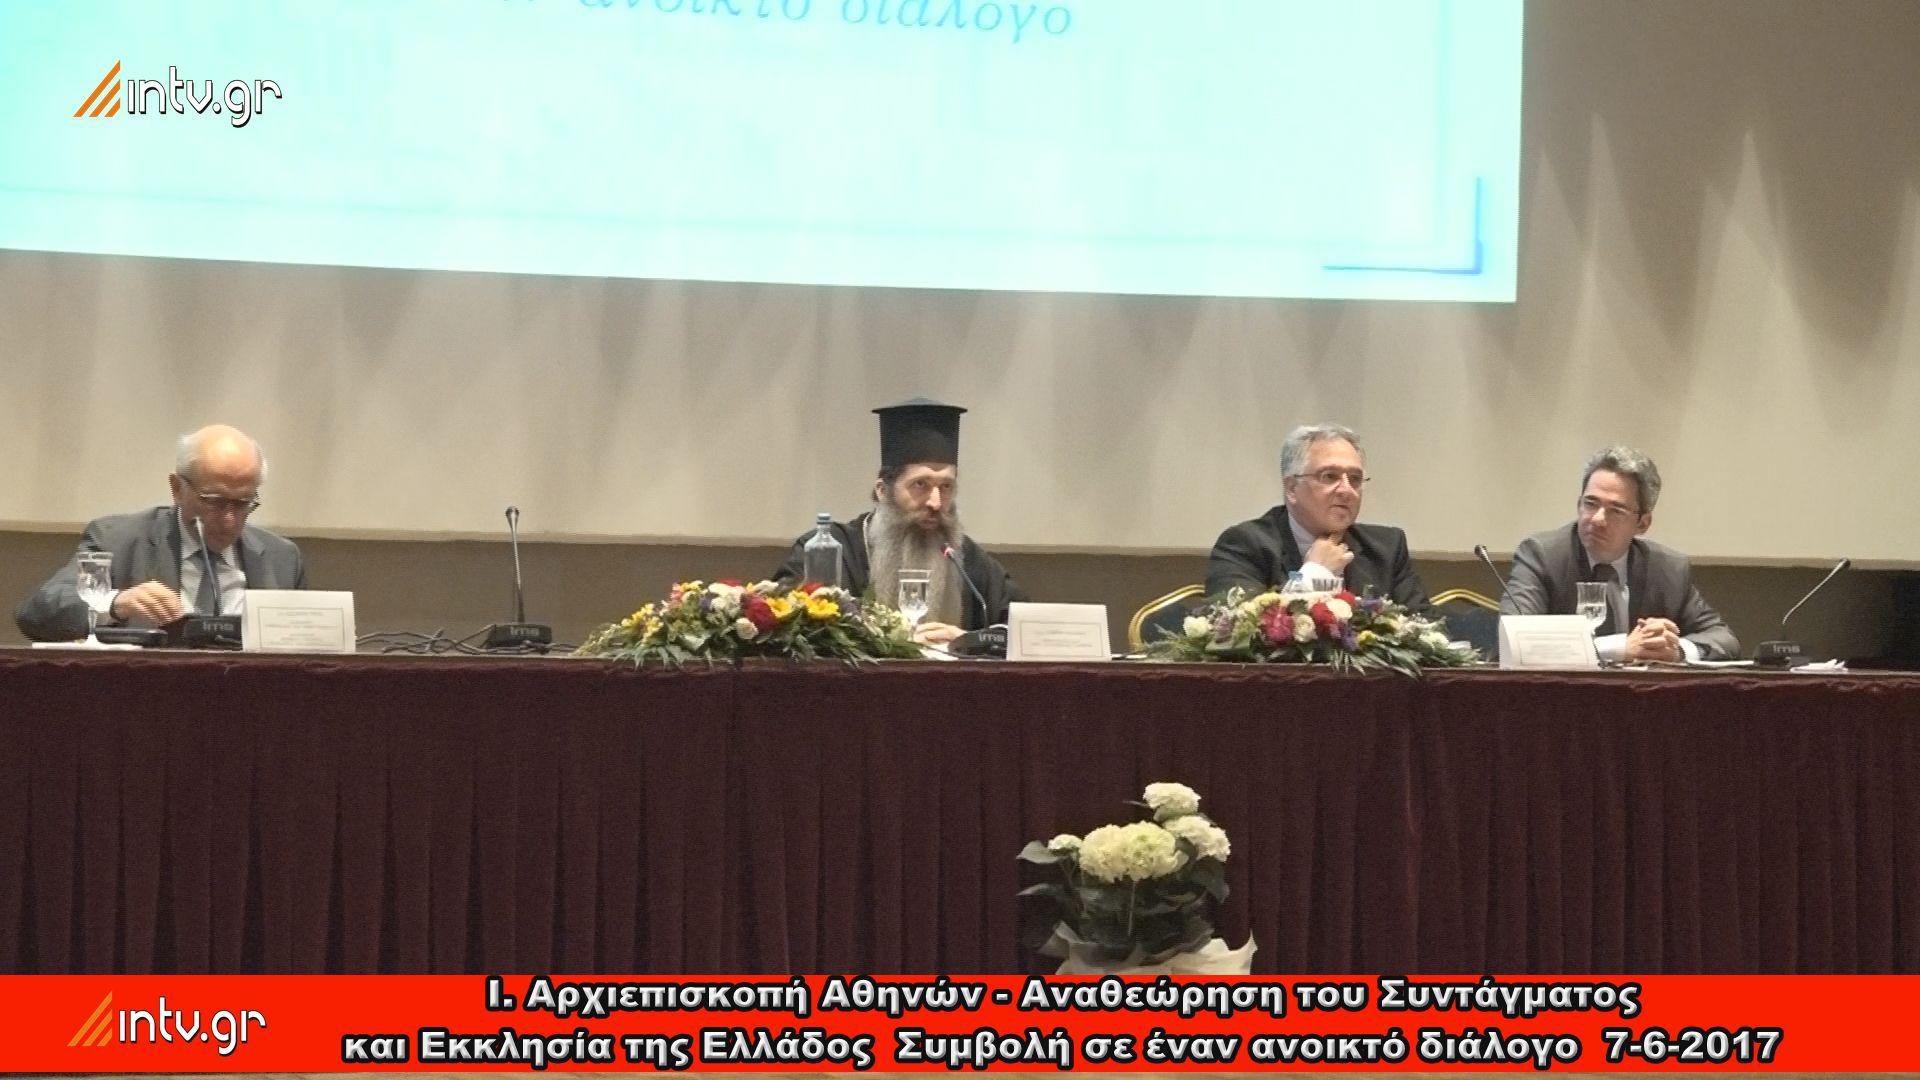 Ι. Αρχιεπισκοπή Αθηνών - Αναθεώρηση του Συντάγματος και Εκκλησία της Ελλάδος  - Συμβολή σε έναν ανοικτό διάλογο